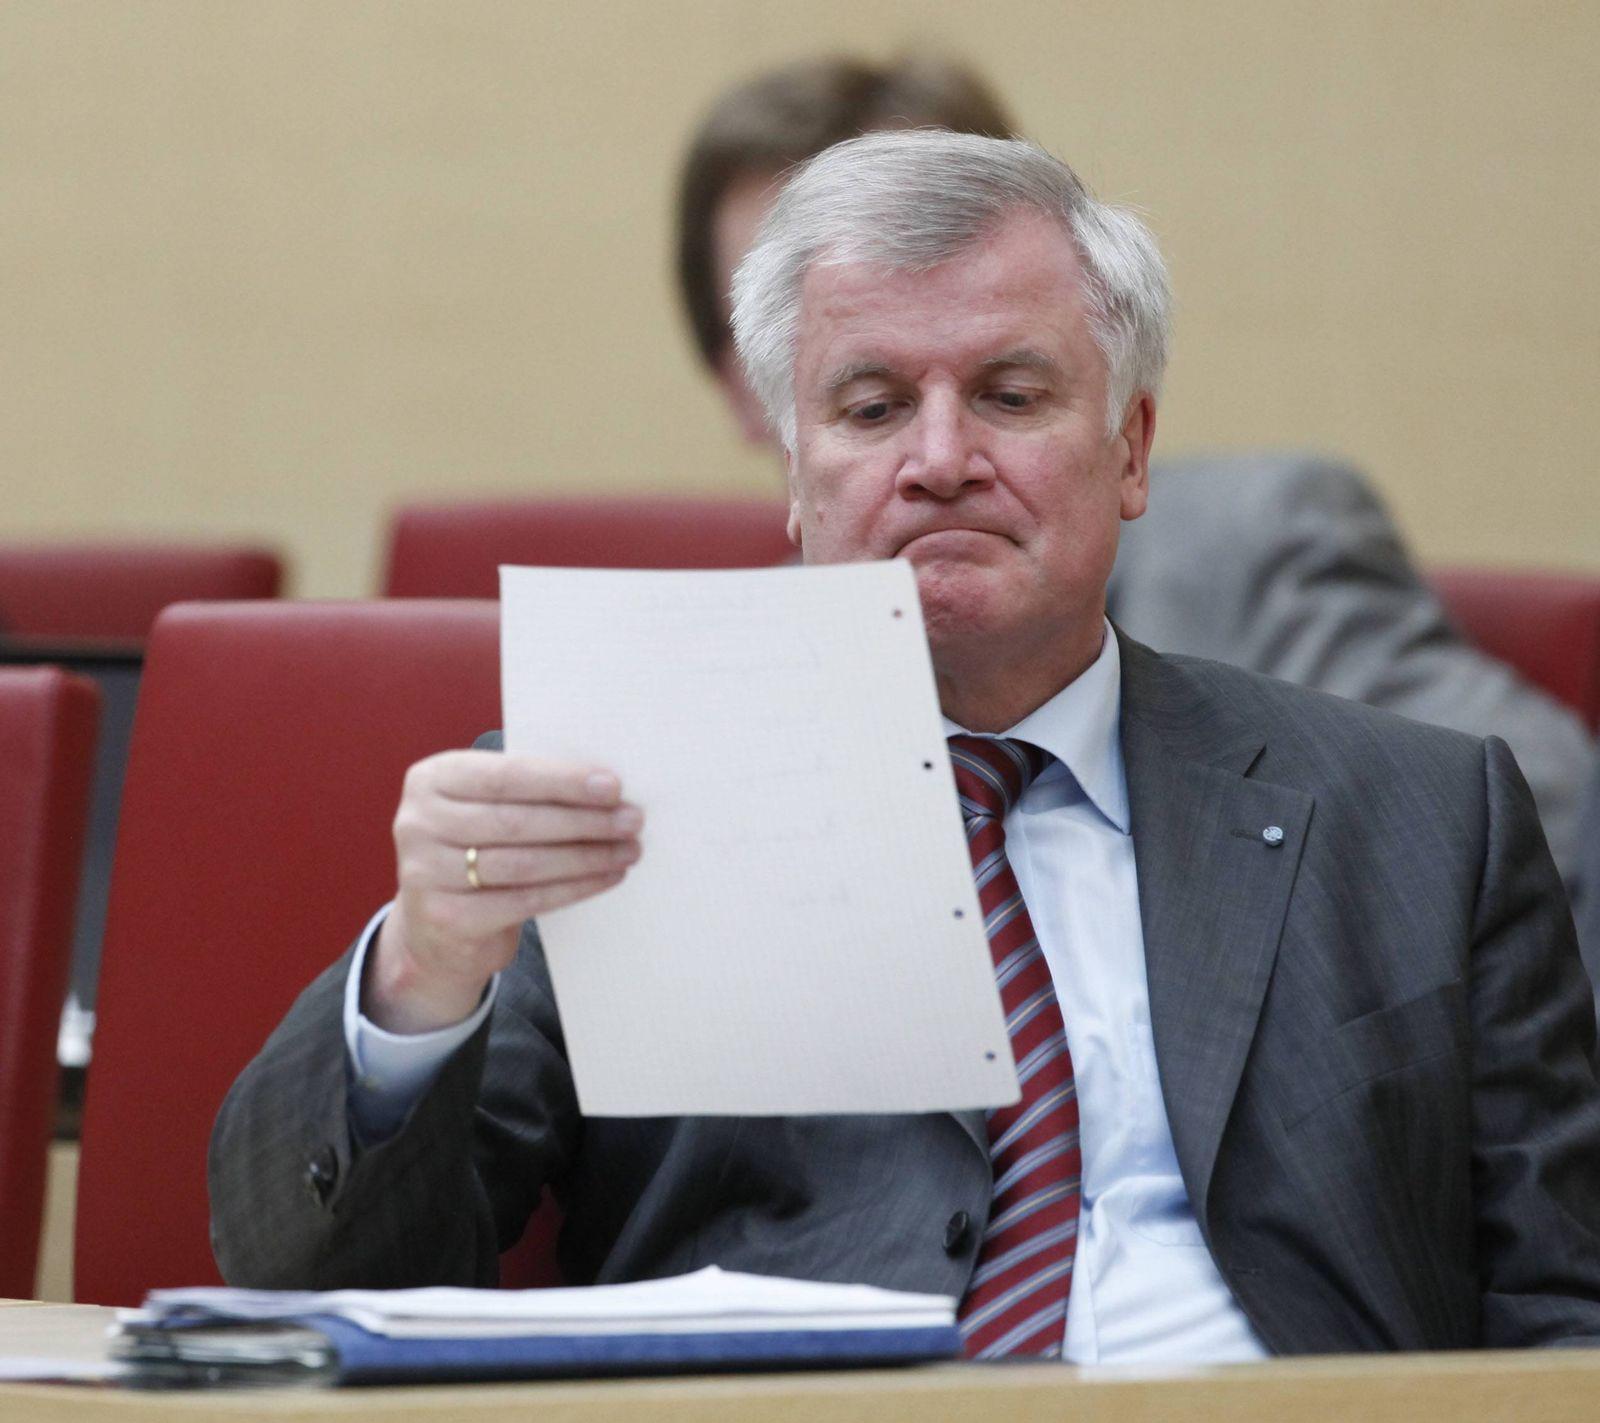 NICHT VERWENDEN Seehofer will BayernLB moeglichst schnell los werden